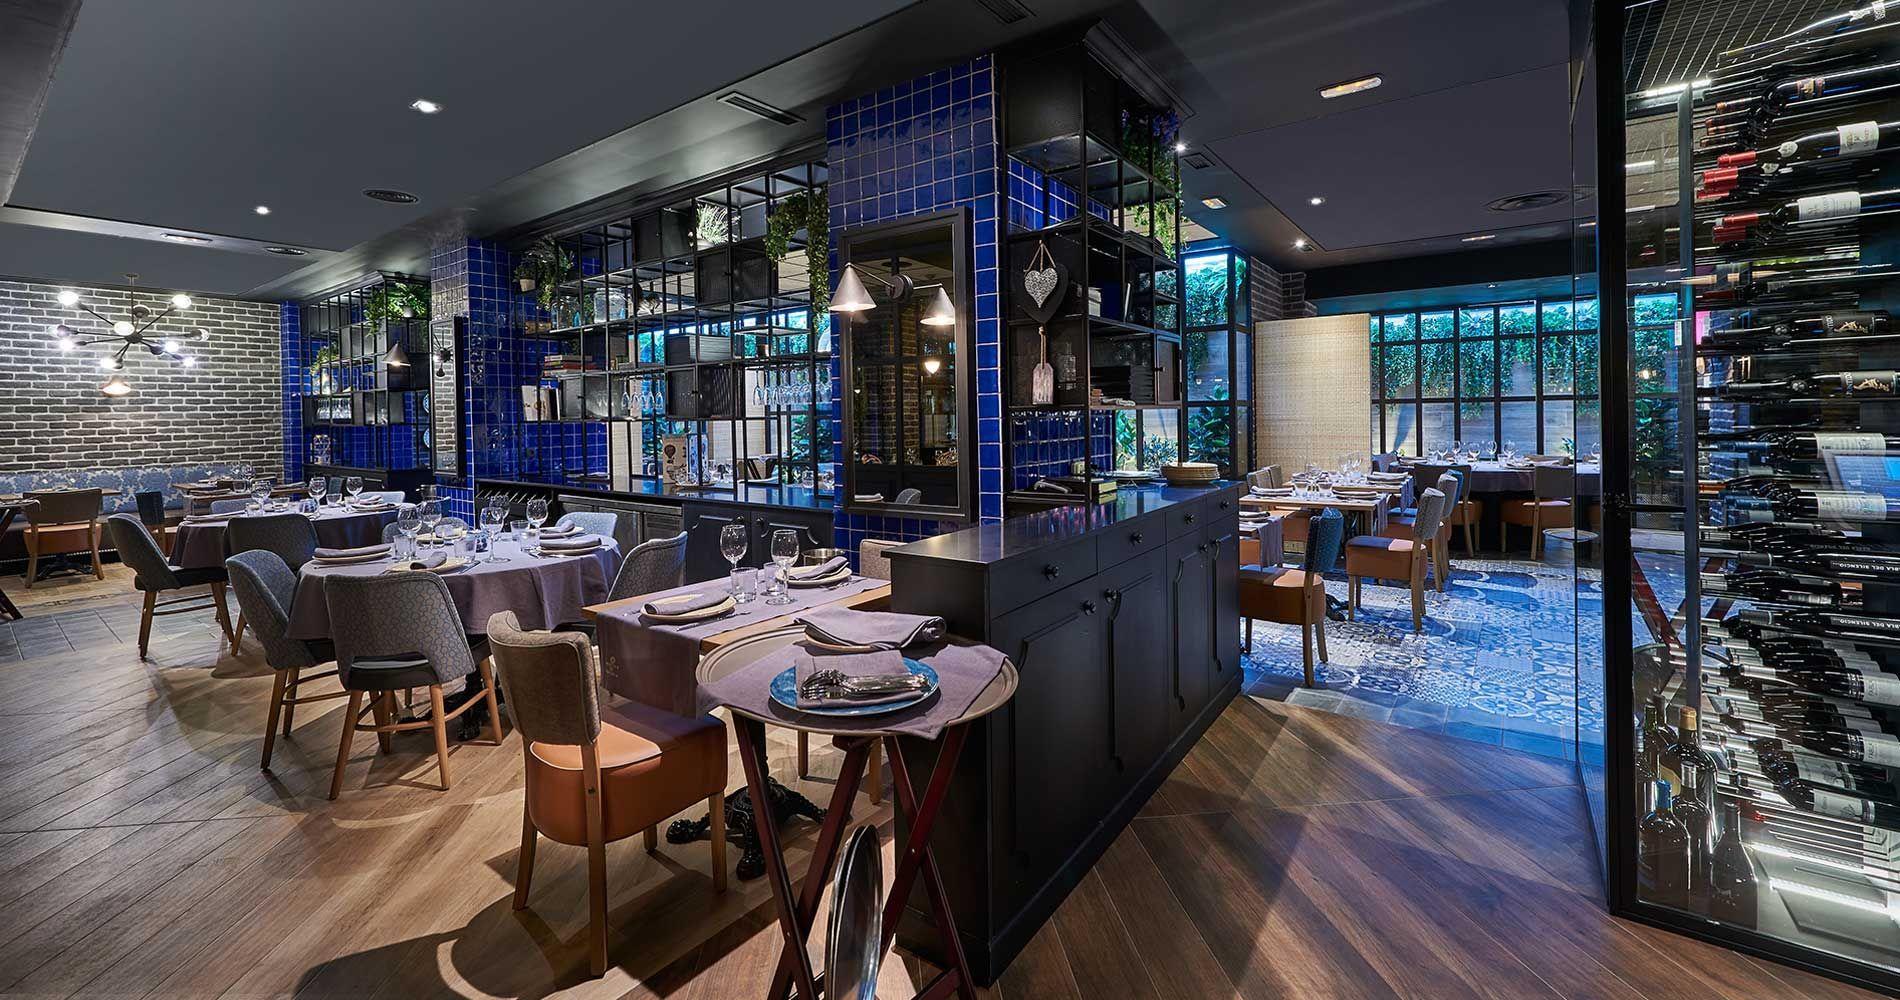 Montes De Galicia El Restaurante Pantone 2020 Restaurantes Pantone Color De Moda